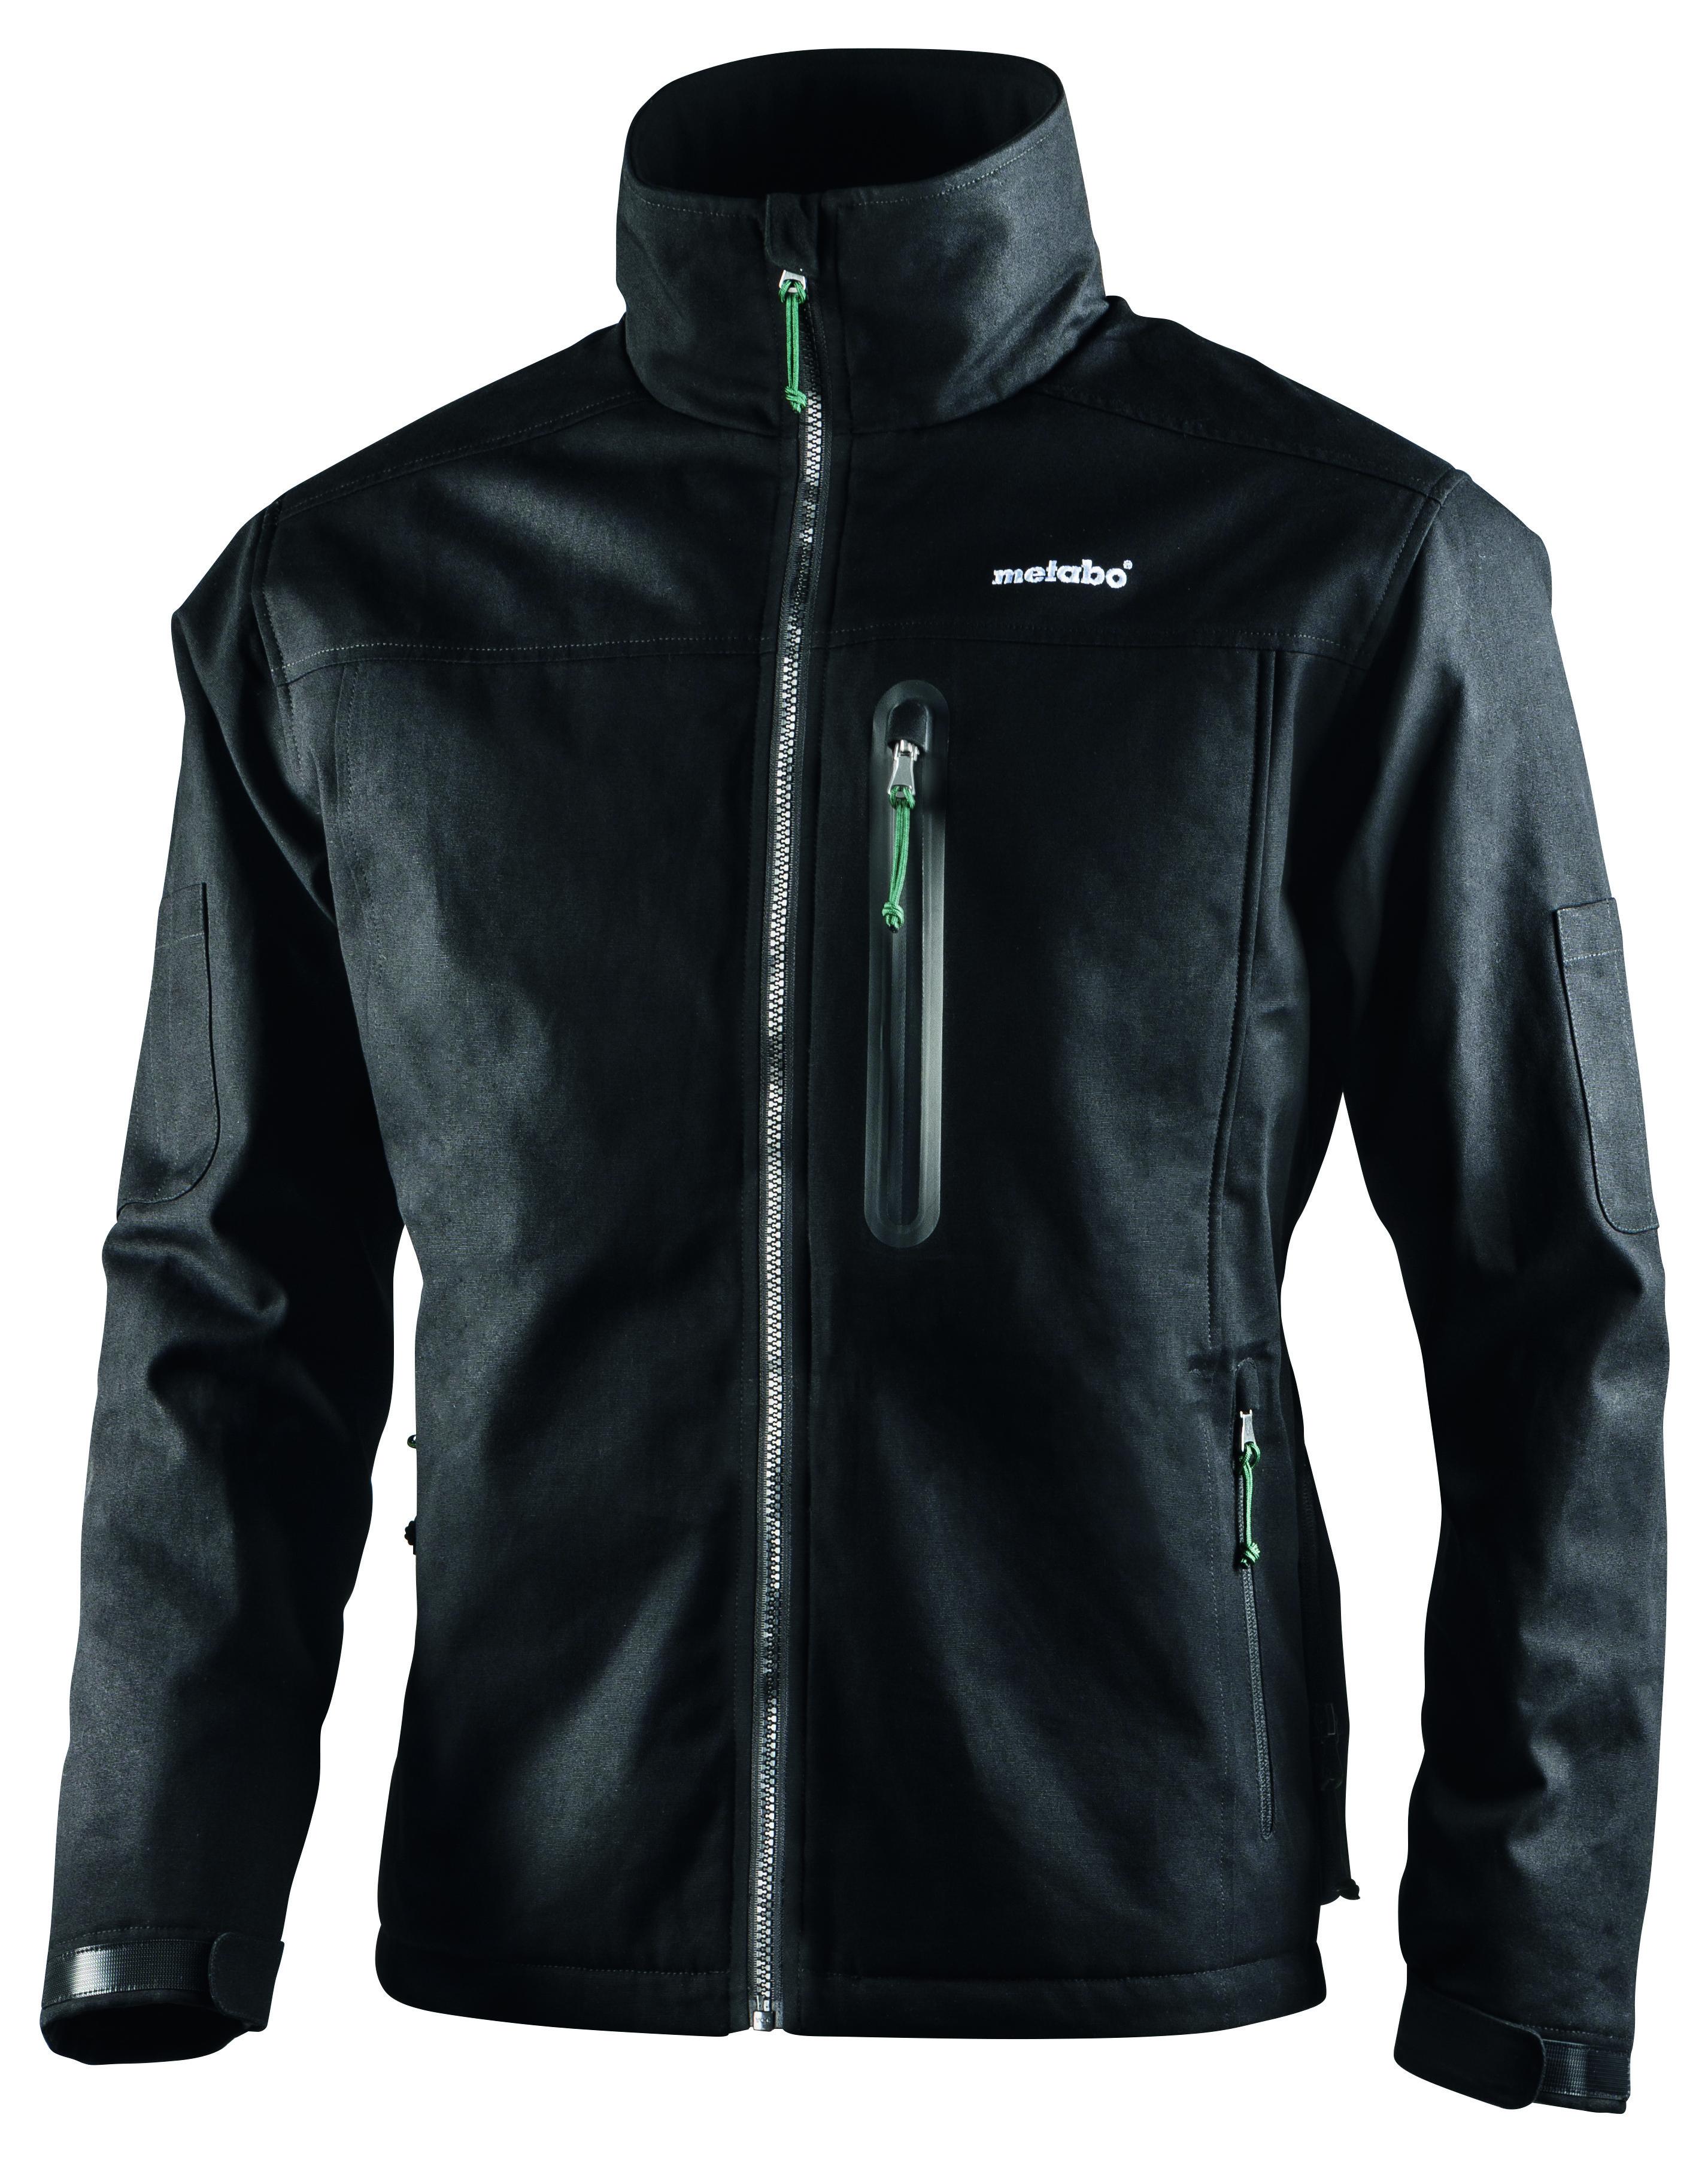 Wetterbeständiges Material, Tragekomfort und innovative Technik machen die Akku-Heizjacke HJA 14.4-18 von Metabo zum optimalen Kleidungsstück in der kälteren Jahreszeit. Foto: Metabo